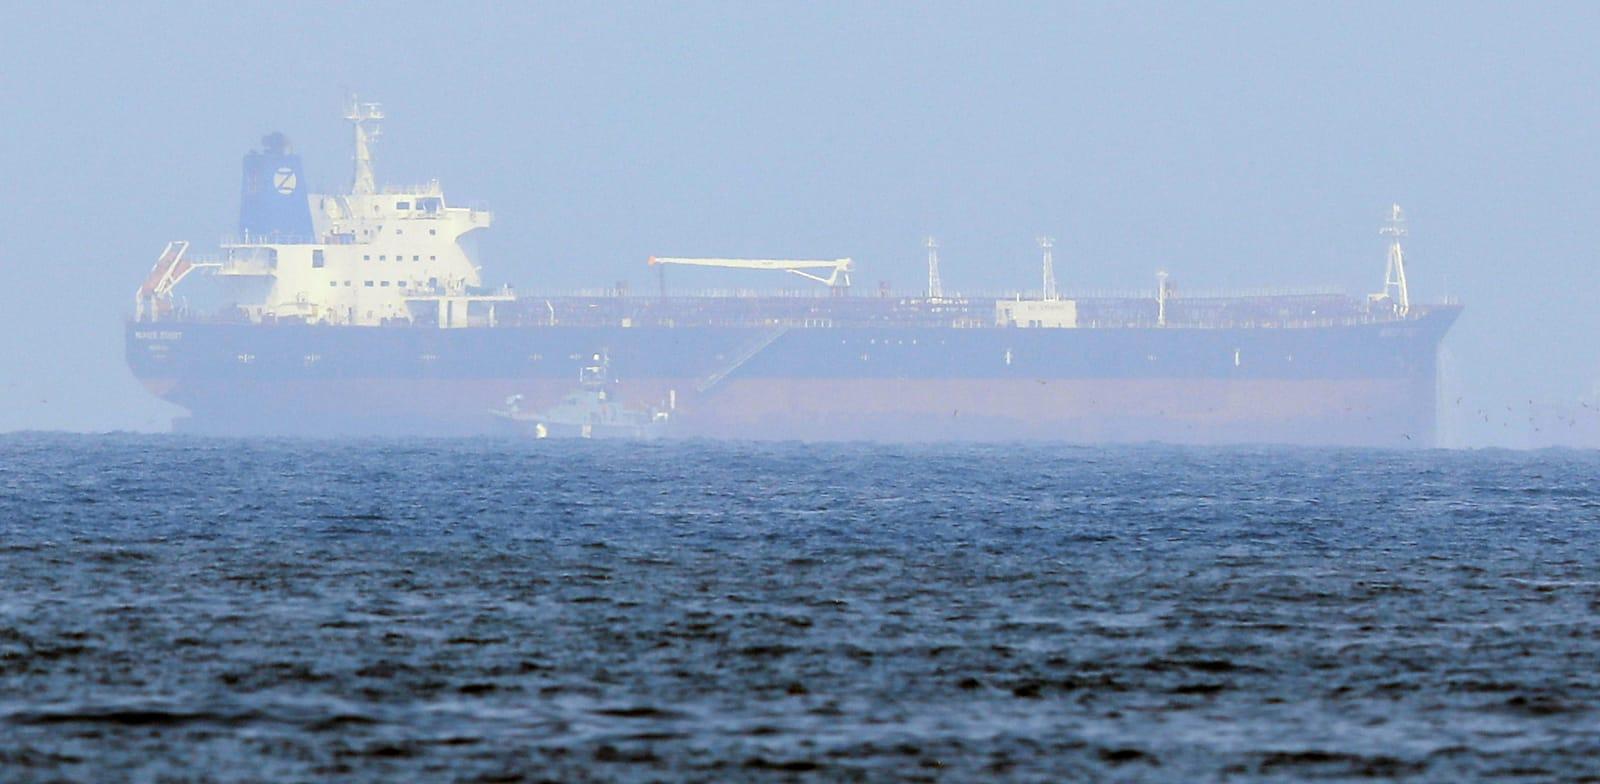 מרסר סטריט, האונייה הותקפה על כוחות איראניים, השבוע לאחר התקיפה / צילום: Reuters, RULA ROUHANA